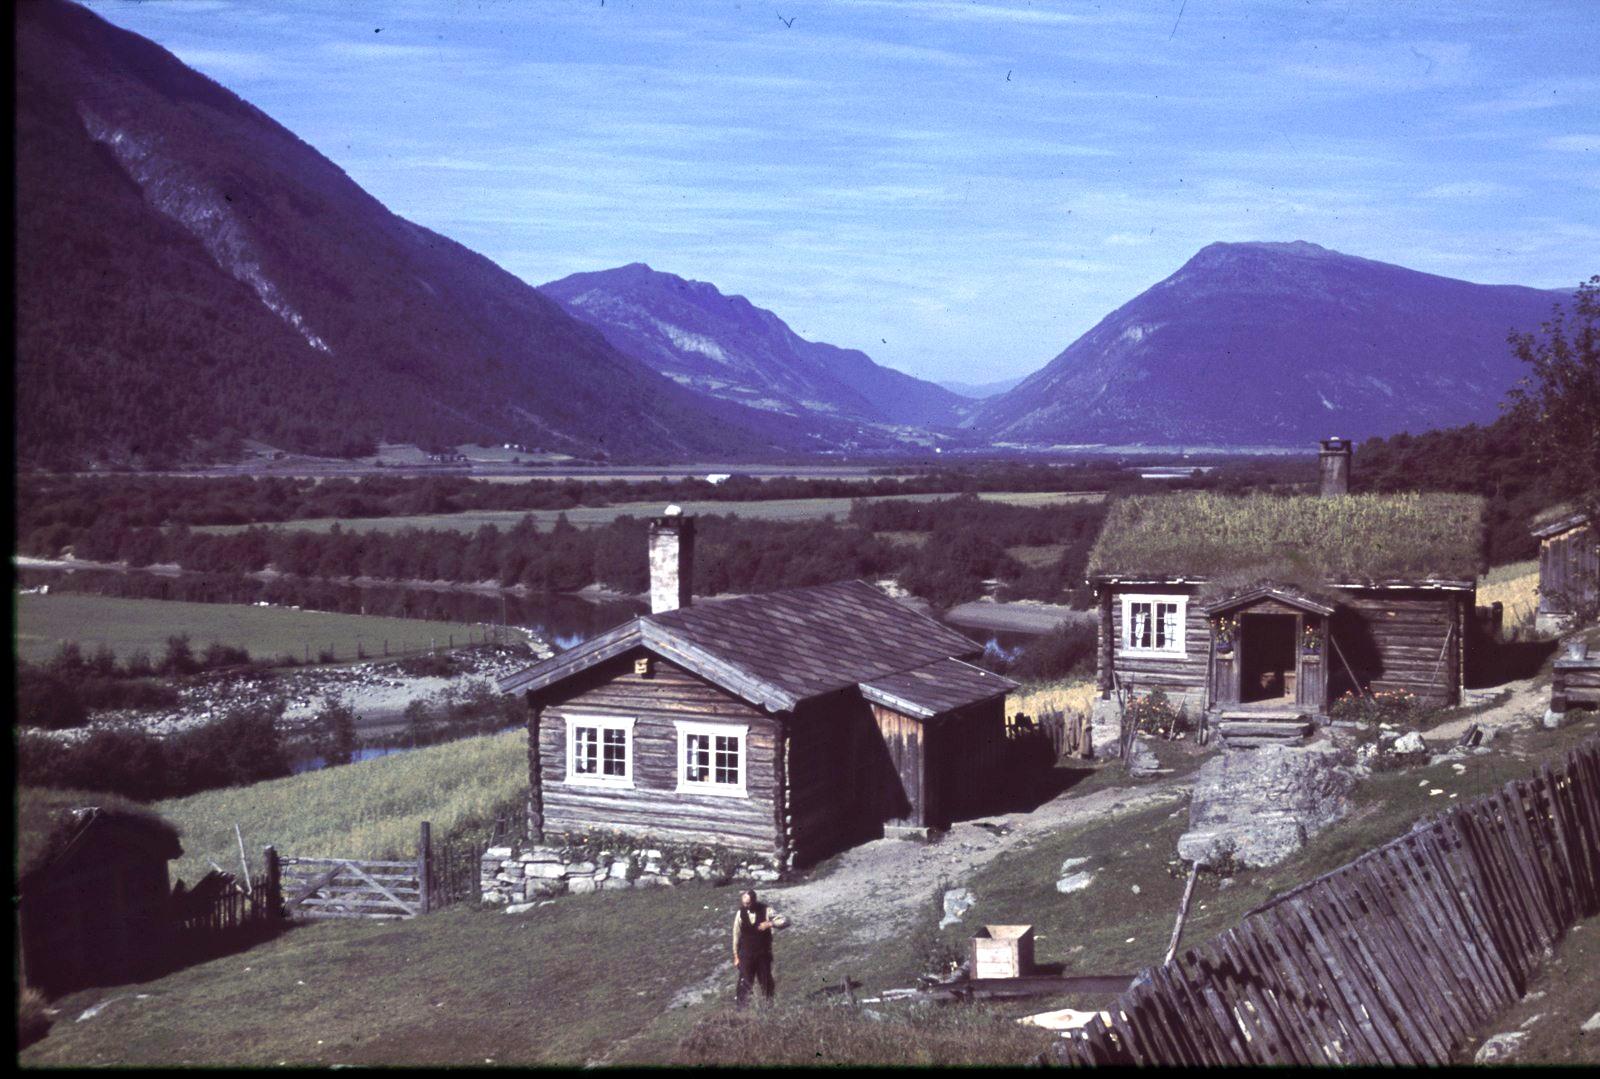 Лом. Два деревянных дома на фоне предгорий Ютунхеймена